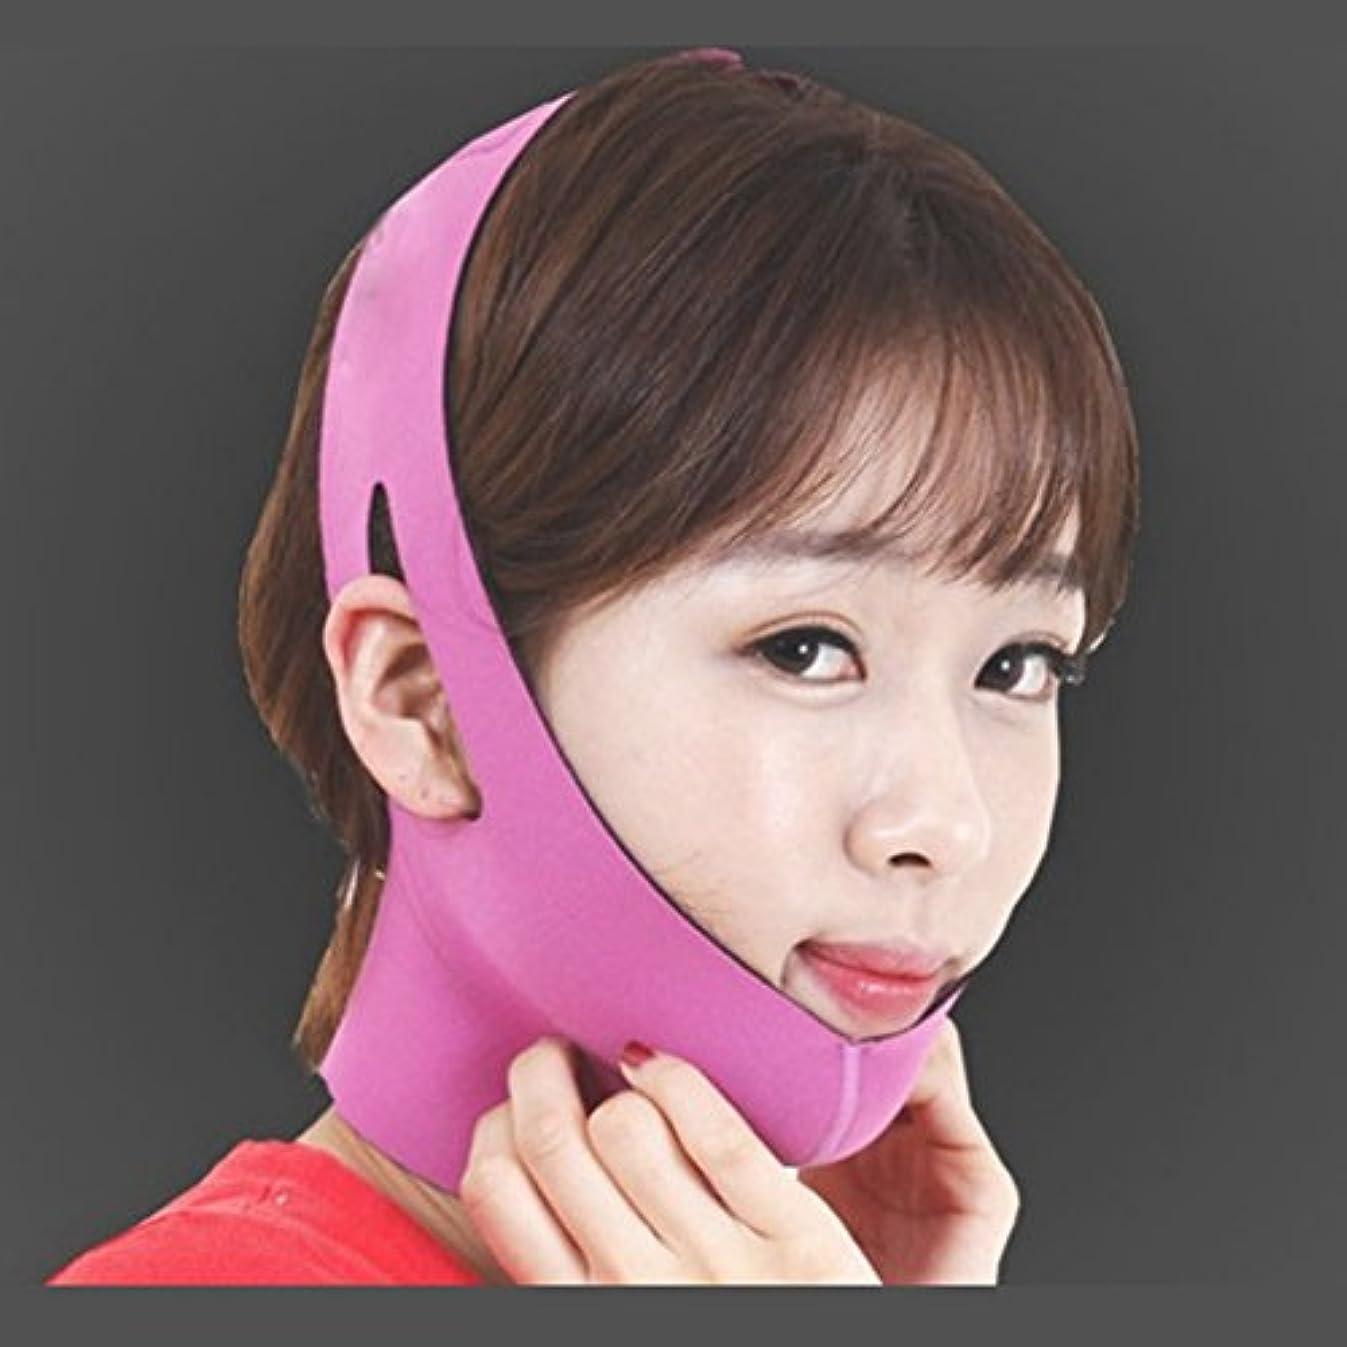 競争力のあるクラウドとは異なりJCL フェイスラインベルト 小顔補正ベルト フェイスアップベルト 寝ながら小顔矯正ベルト フリーサイズ (オレンジ)